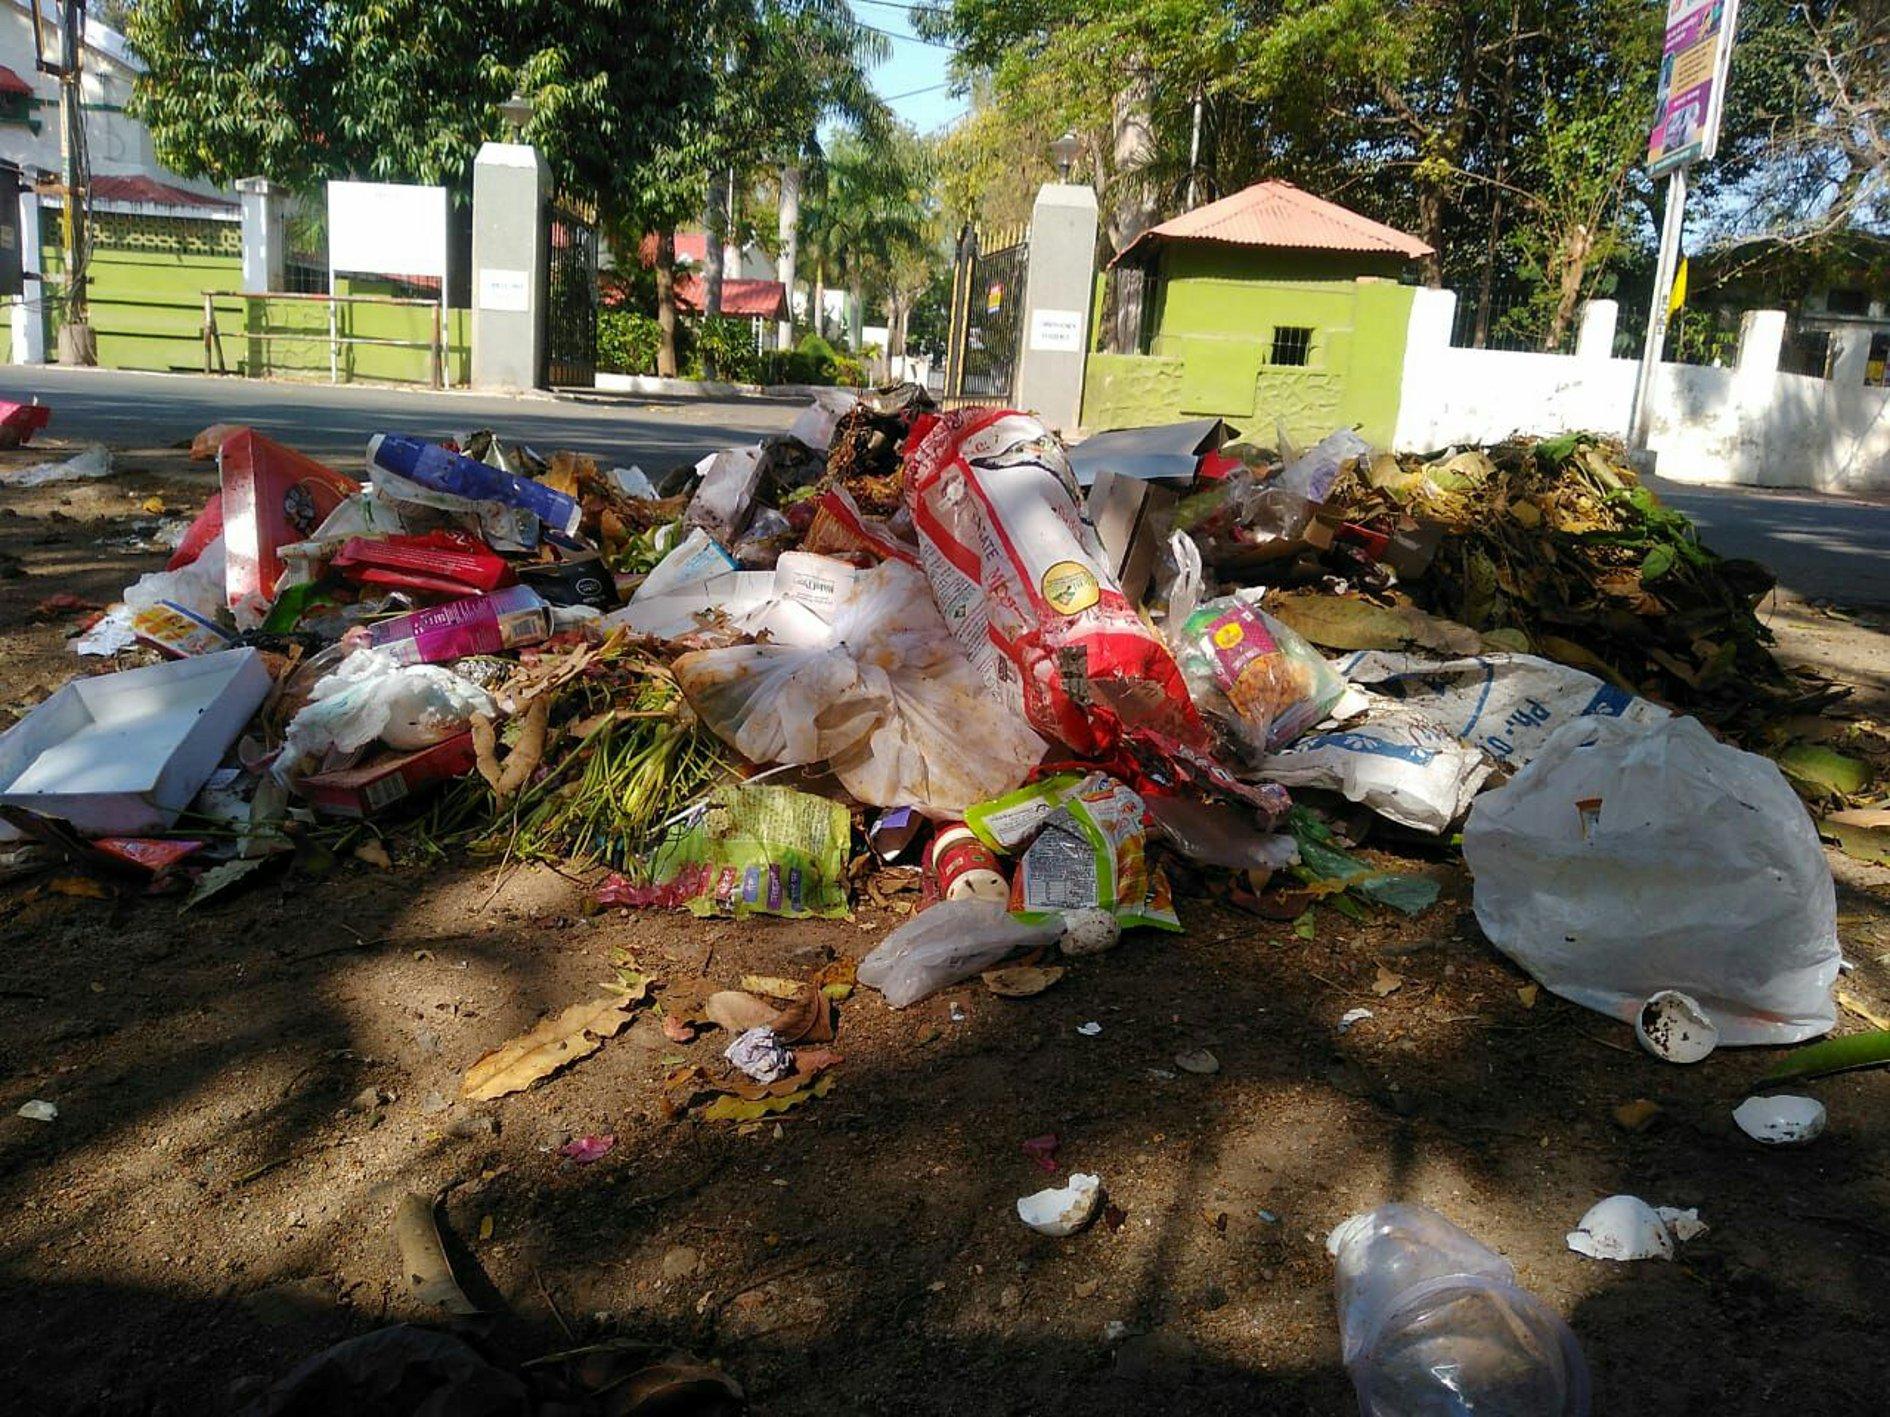 दावा करते हैं शीशे जैसा साफ है शहर, लेकिन जहां देखो वहां कचरा ही कचरा